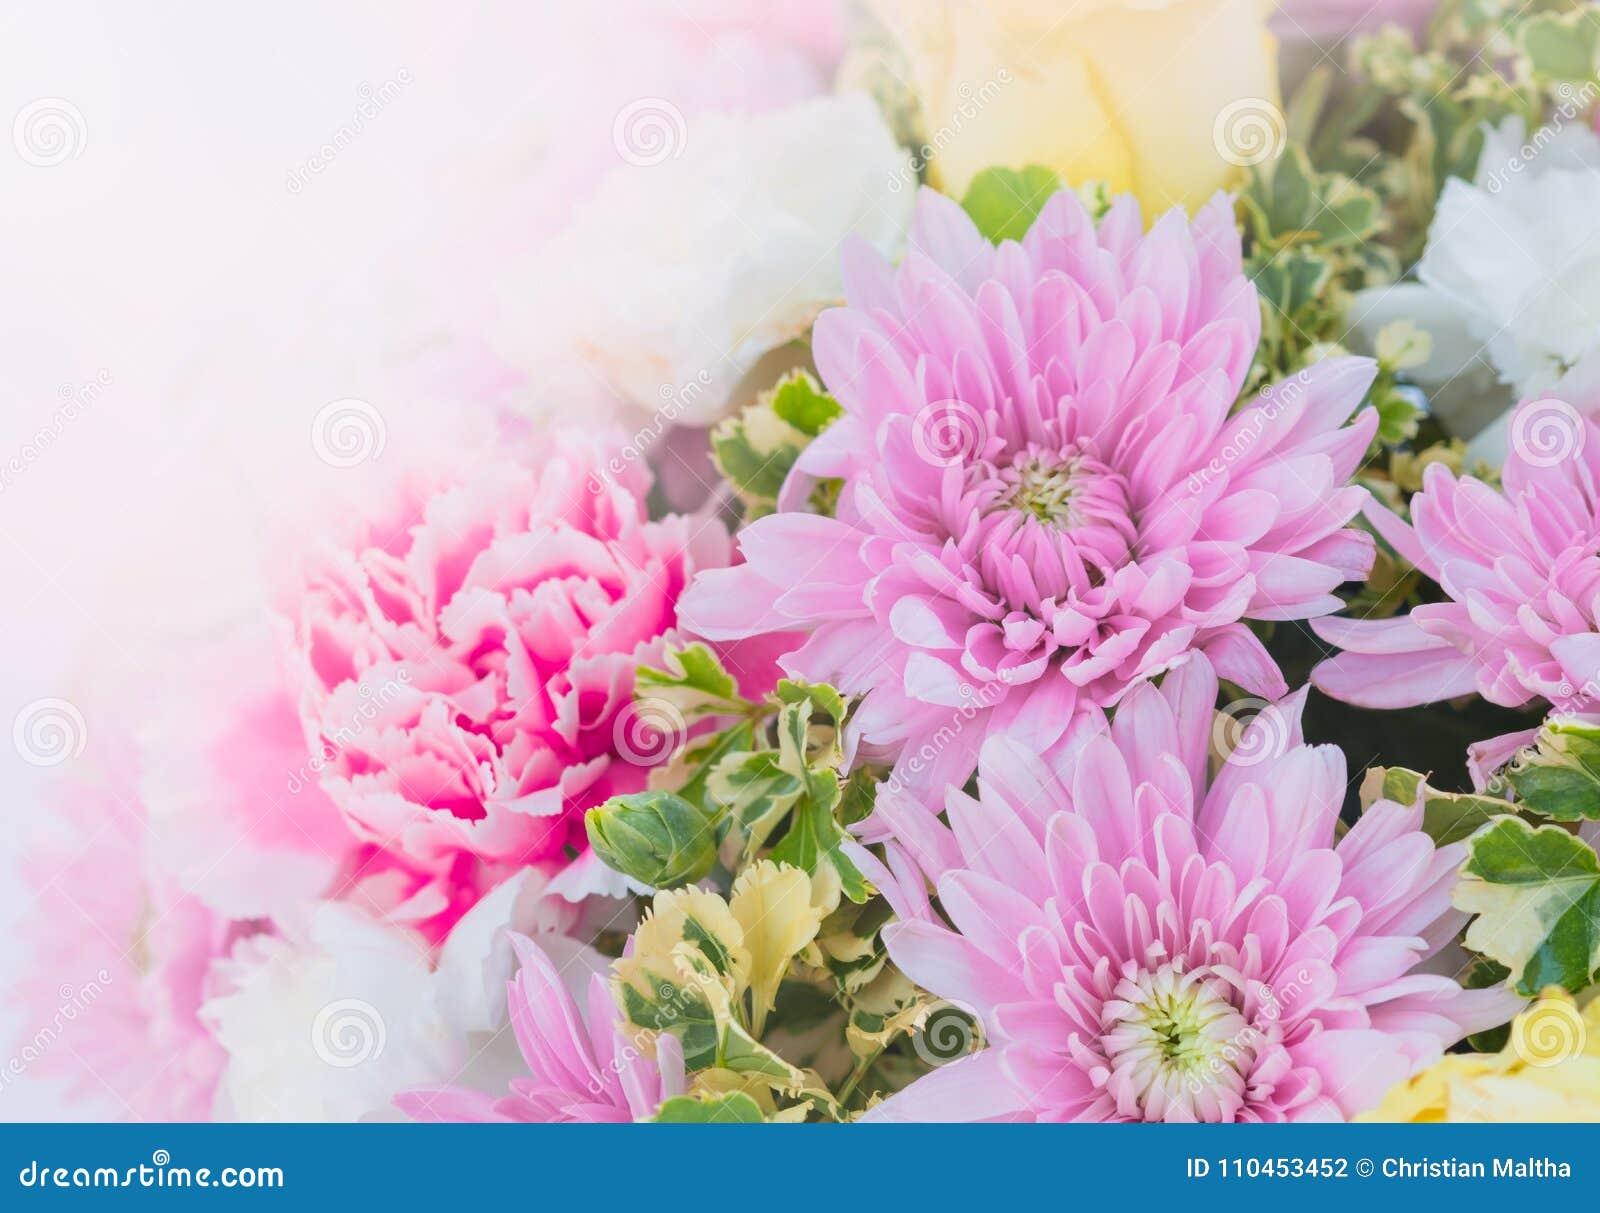 Söt färg av den härliga blomman för att gifta sig